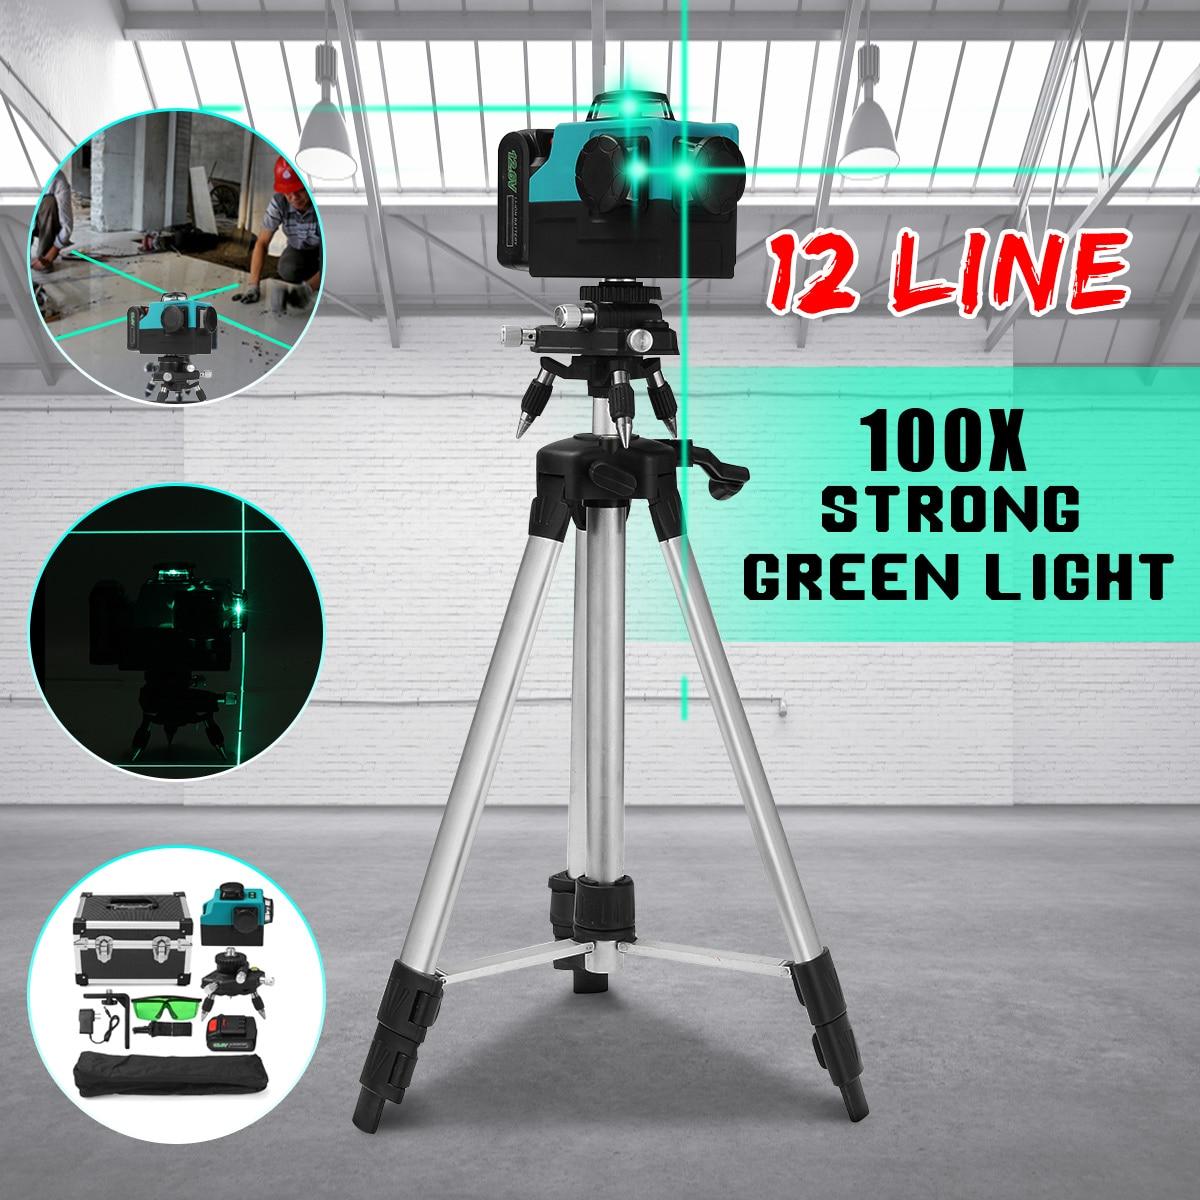 12 линия 100 xStrong зеленый свет 3D лазерный уровень мера 360 Вертикальные Горизонтальные наливные крест лазерный луч линии ж/штатив Стенд